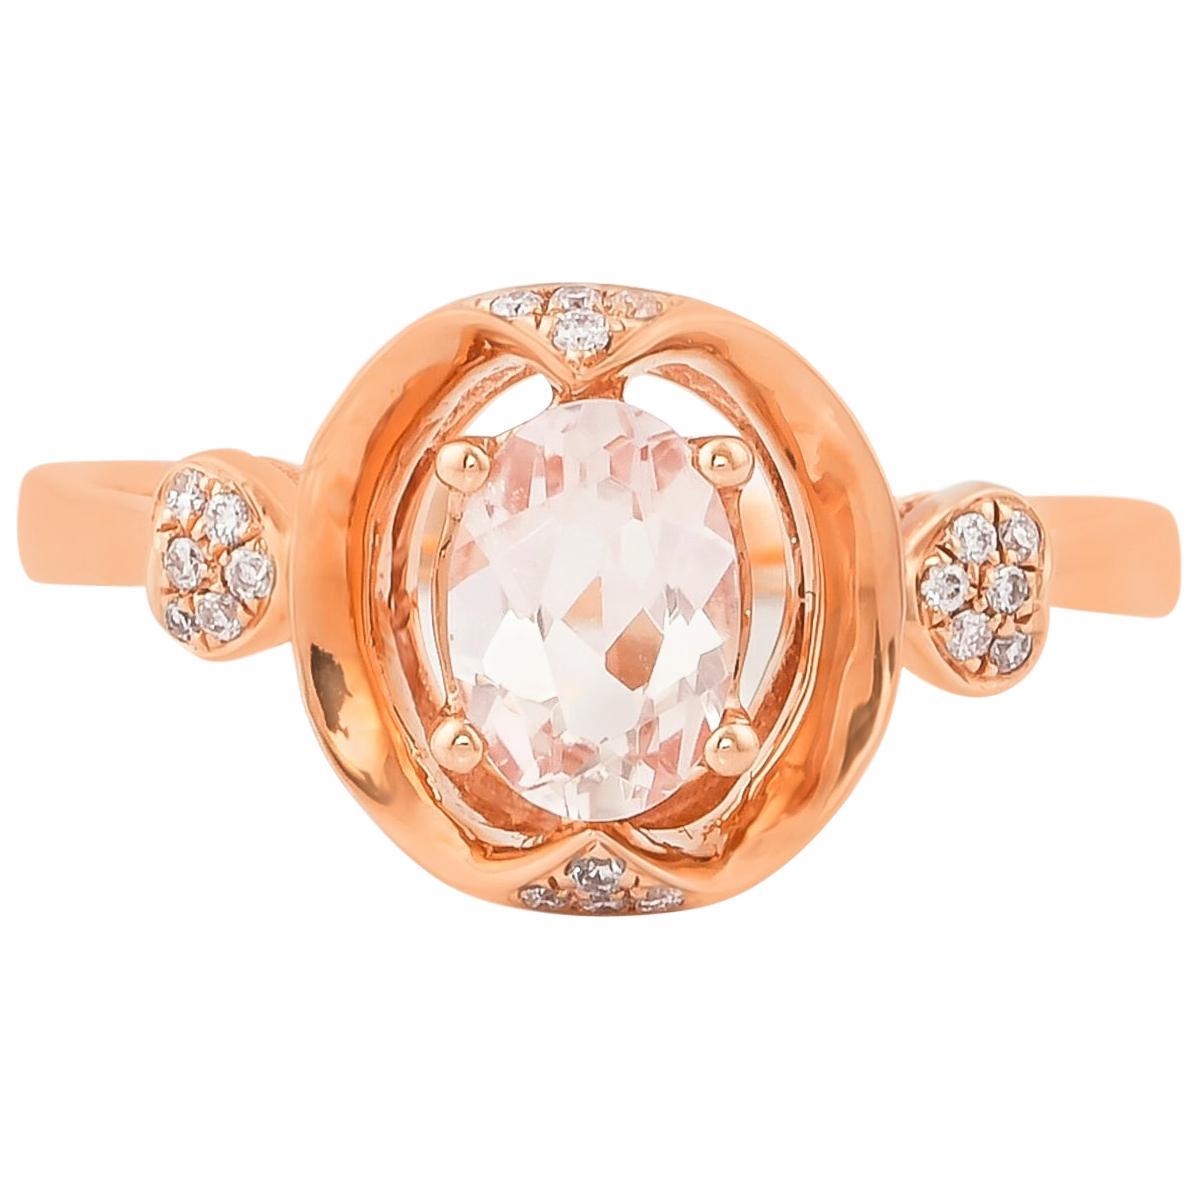 0.5 Carat Morganite and Diamond Ring in 18 Karat Rose Gold